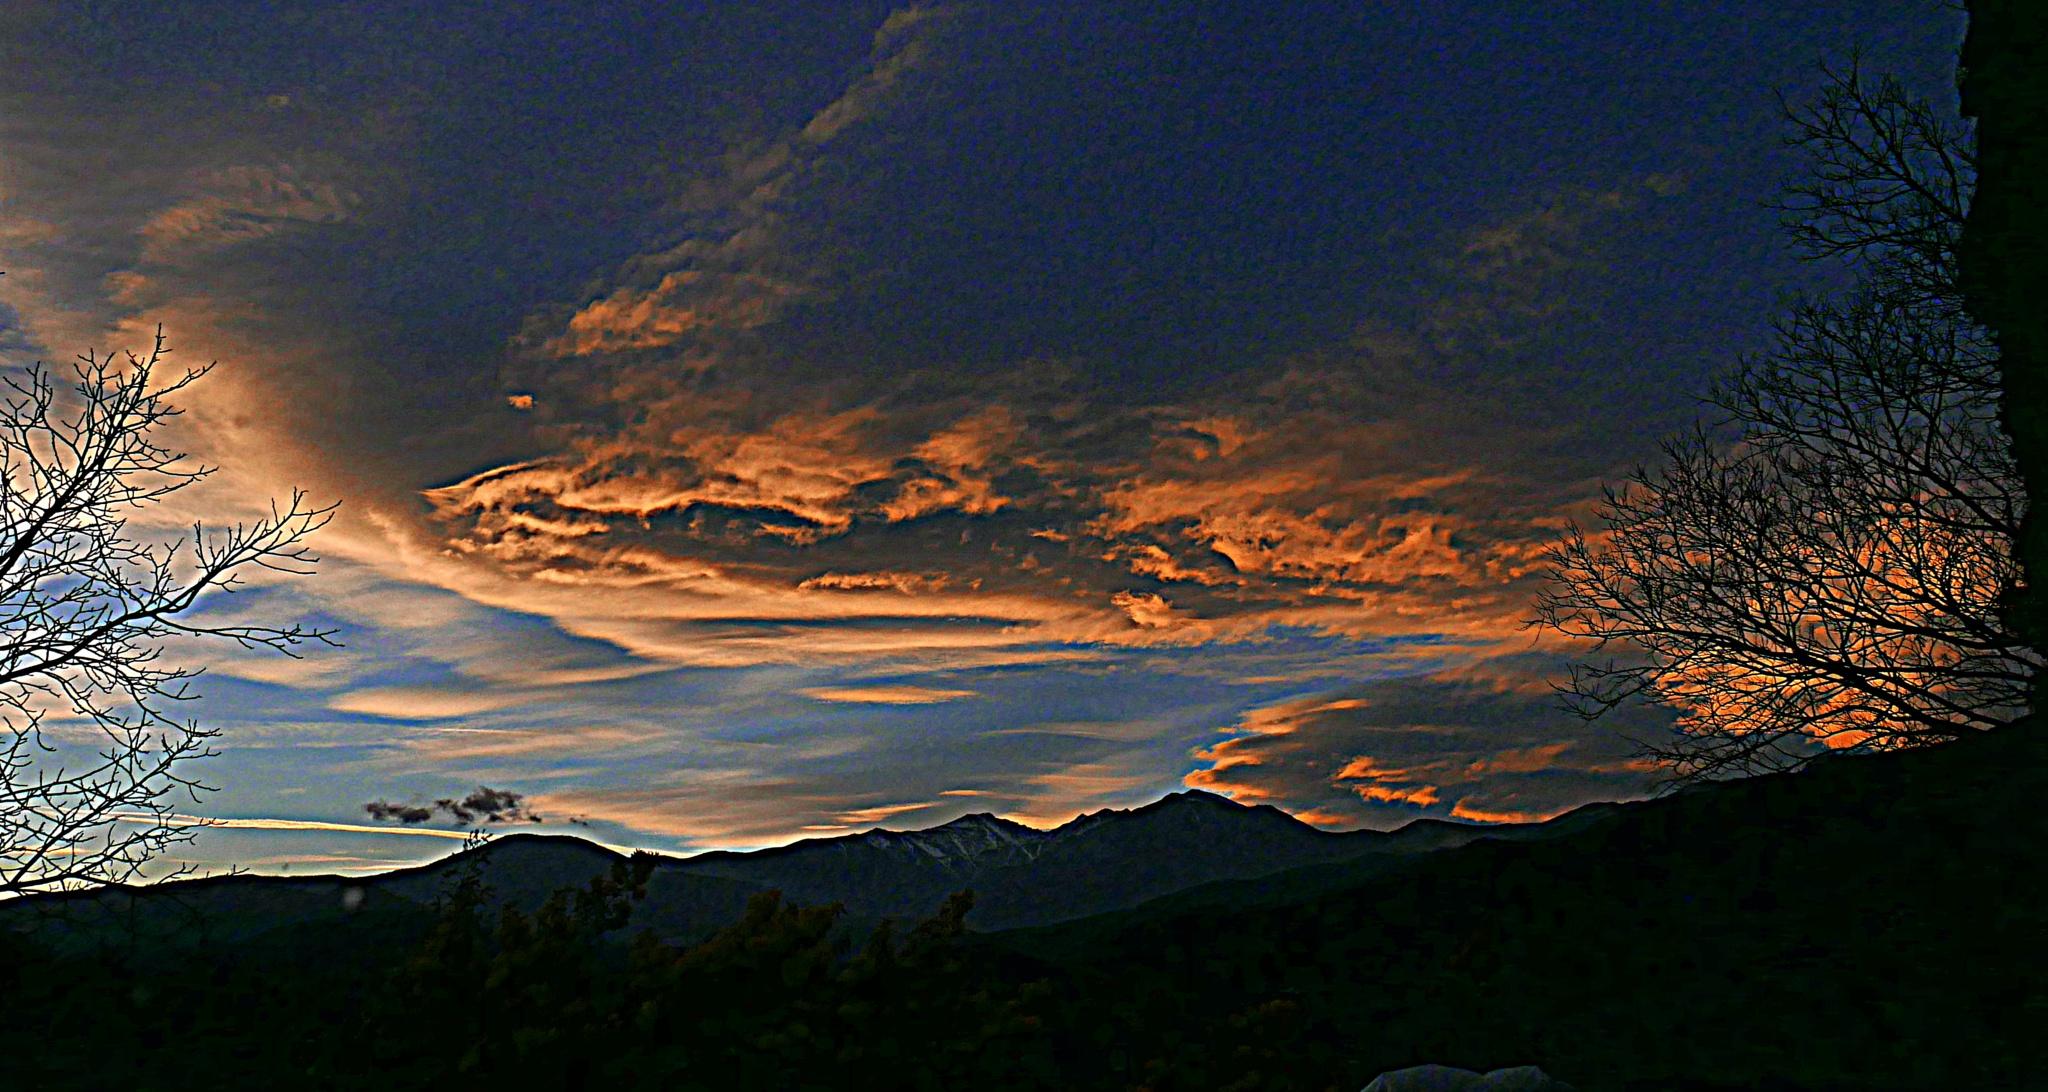 sunset on Canigou  by Mina Elvé